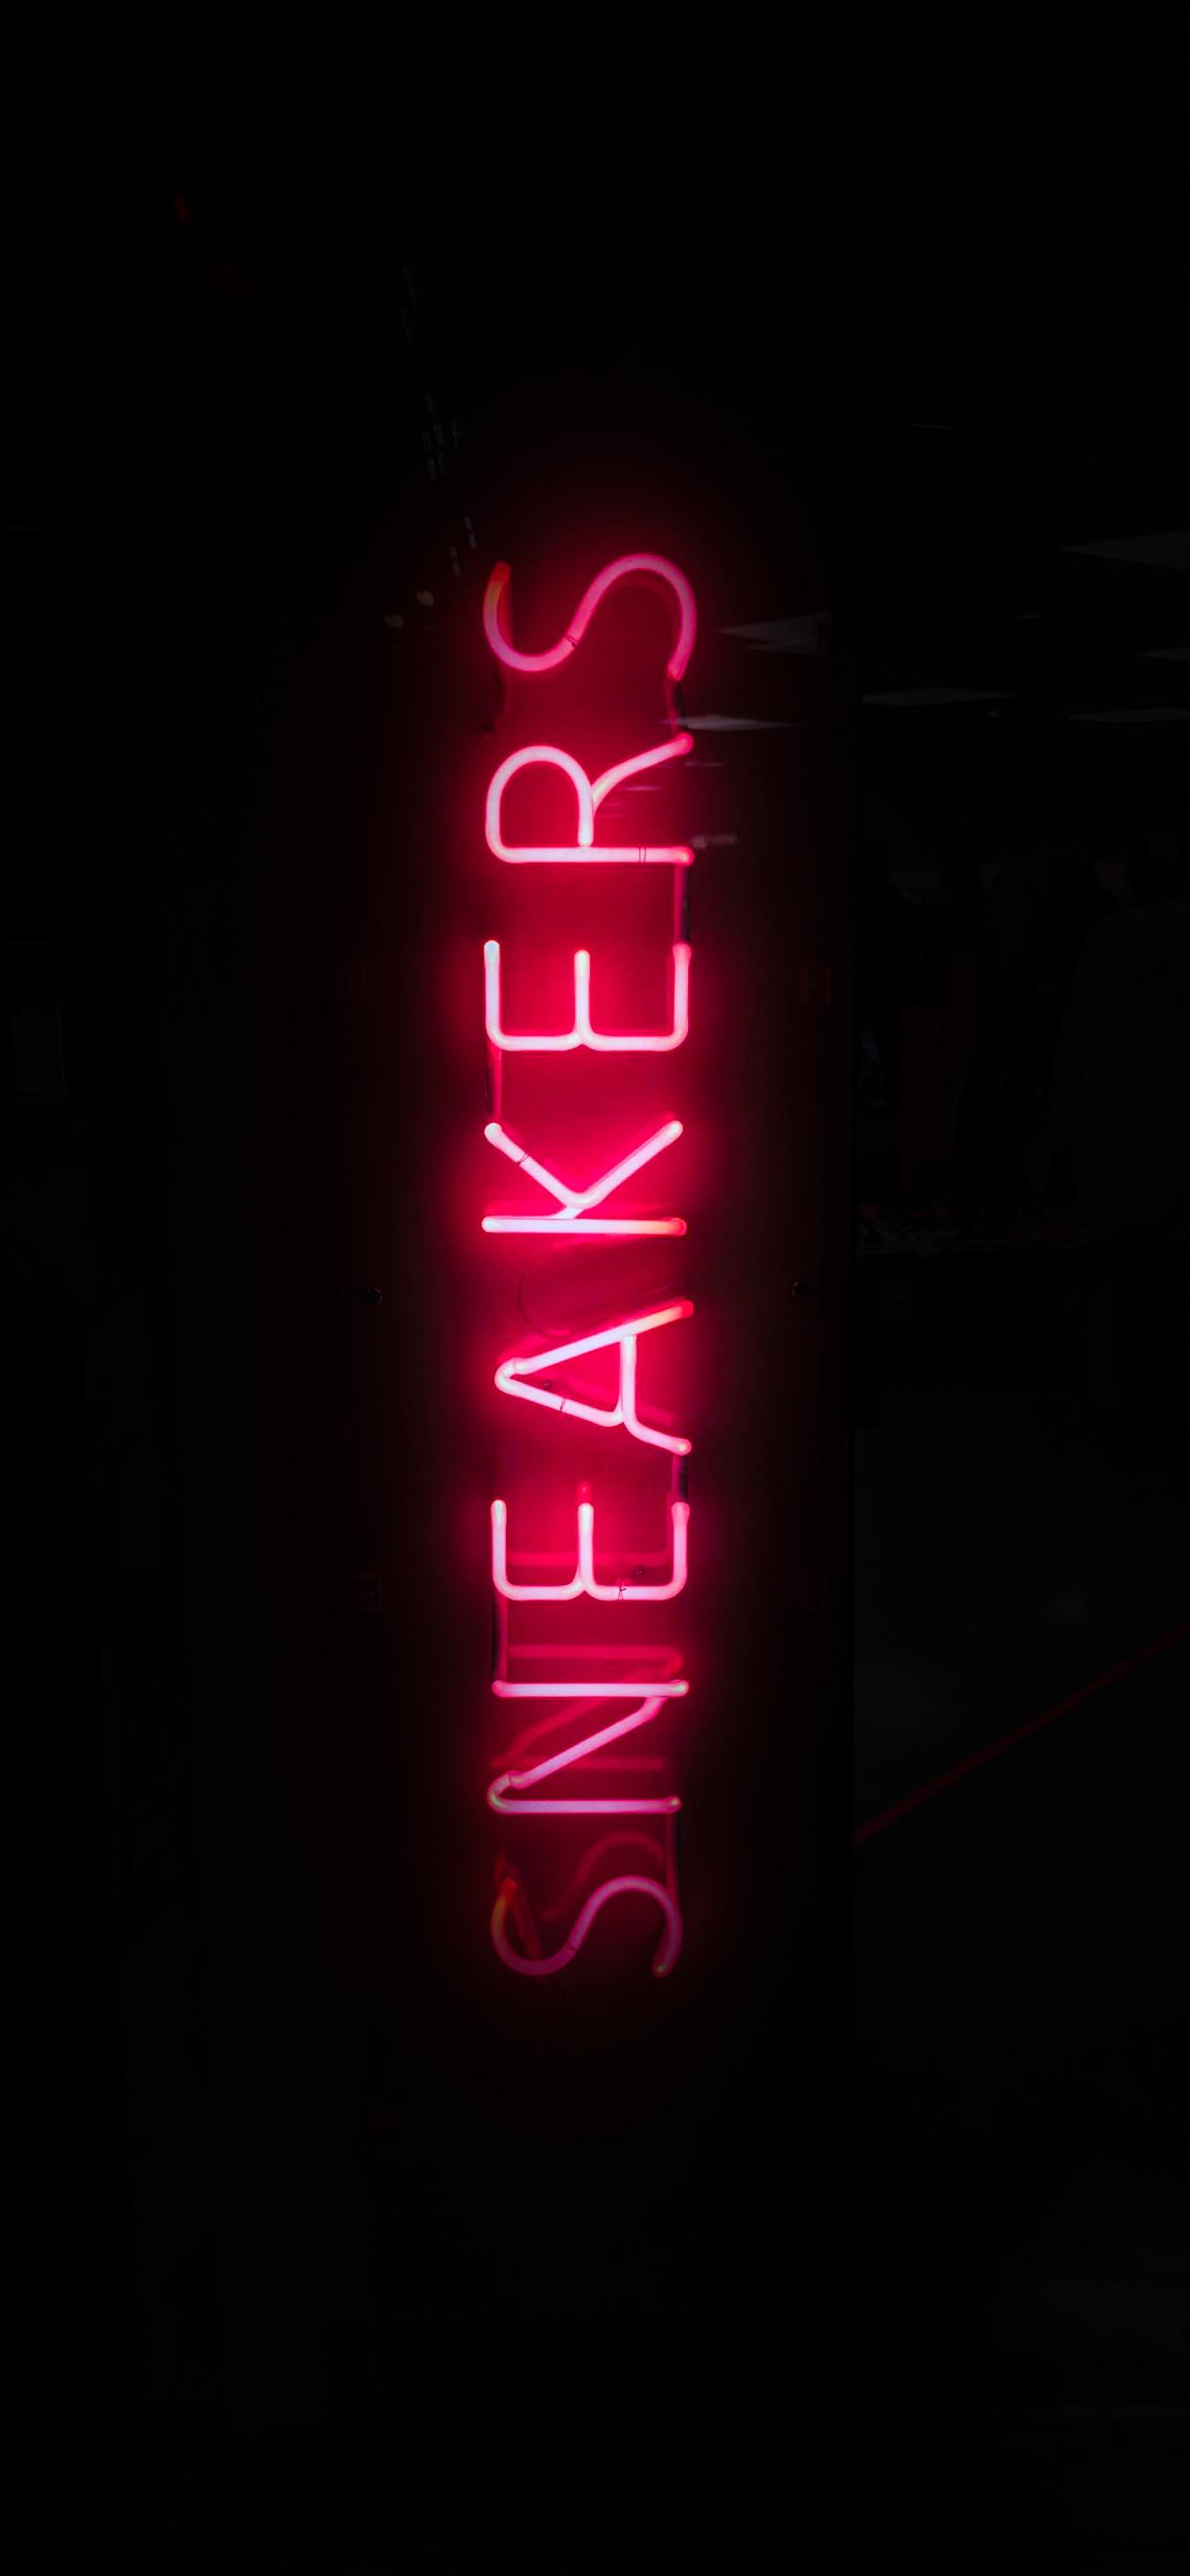 iPhone wallpapers neon sign sneakers Fonds d'écran iPhone du 03/10/2019